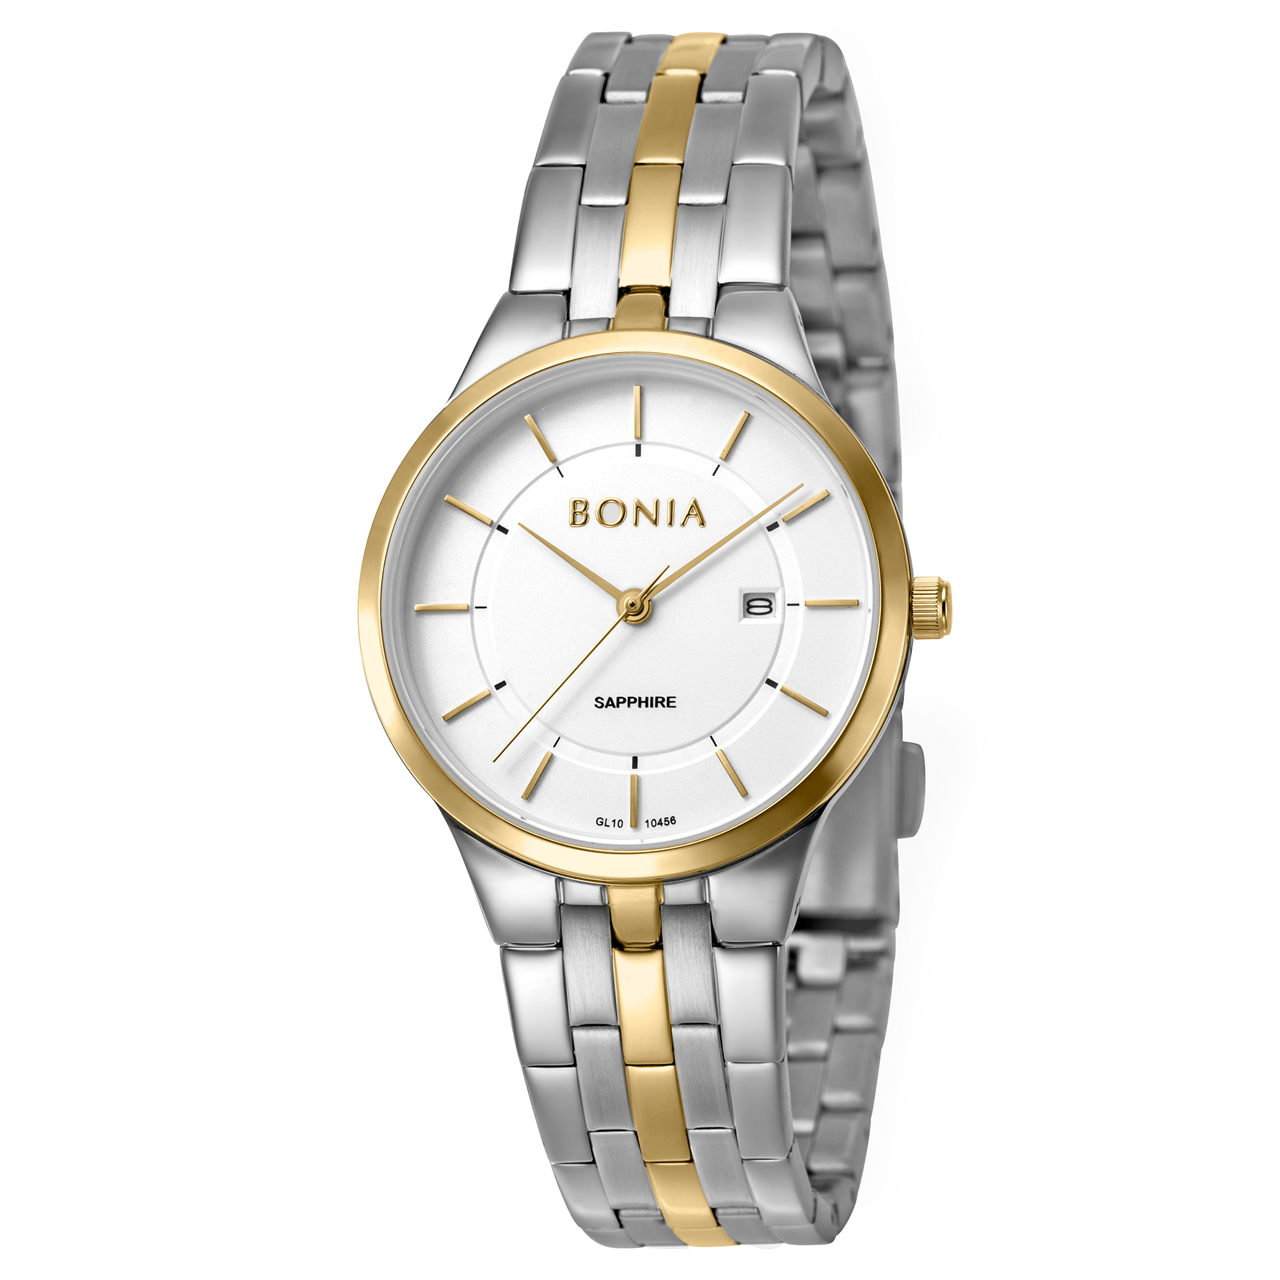 ساعت  زنانه بونیا کد BNB10456-2112